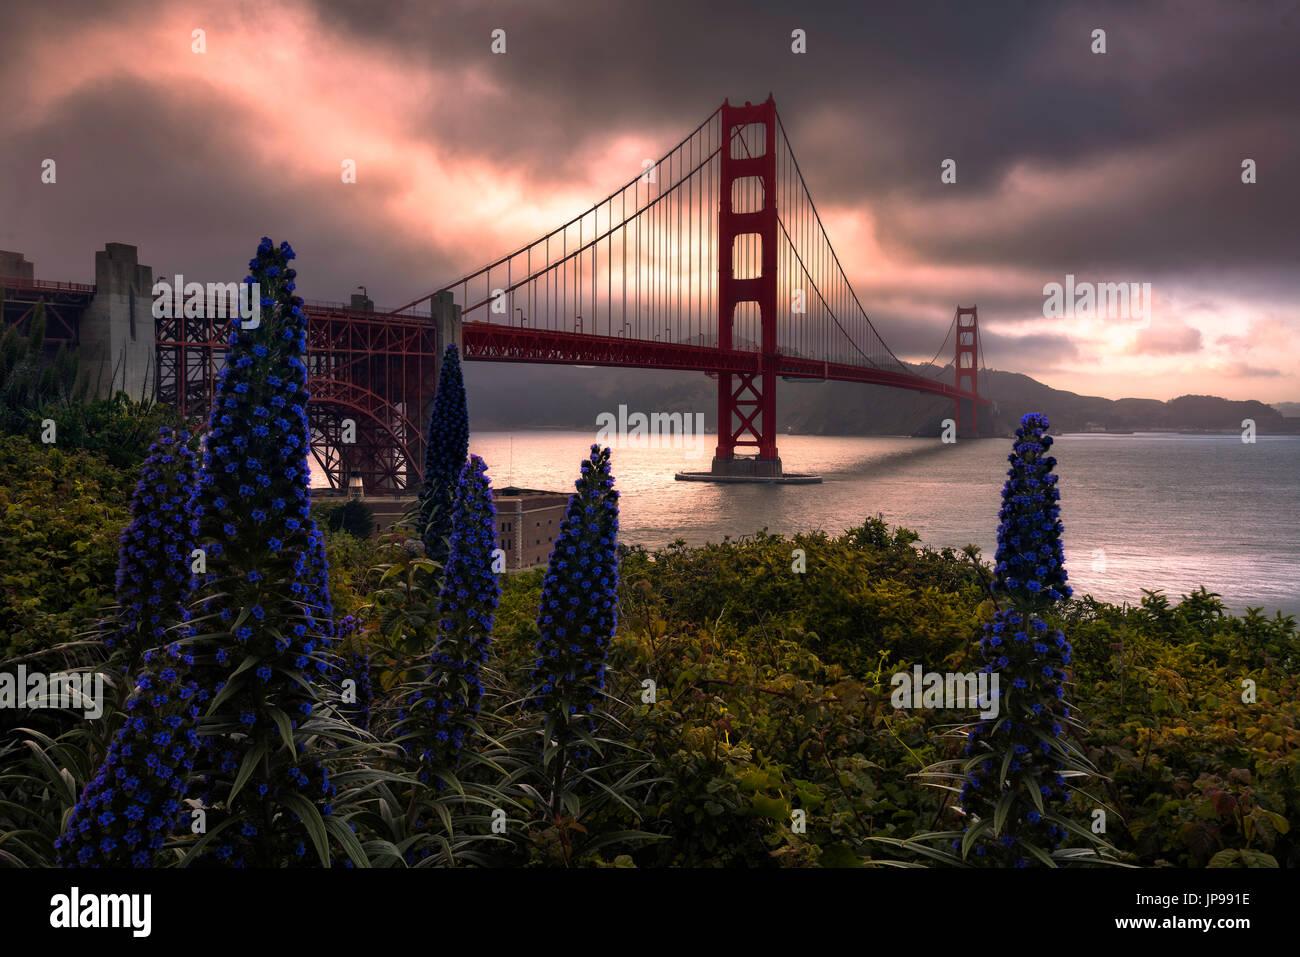 Fleurs sauvages et le Golden Gate Bridge au coucher du soleil. Photo Stock